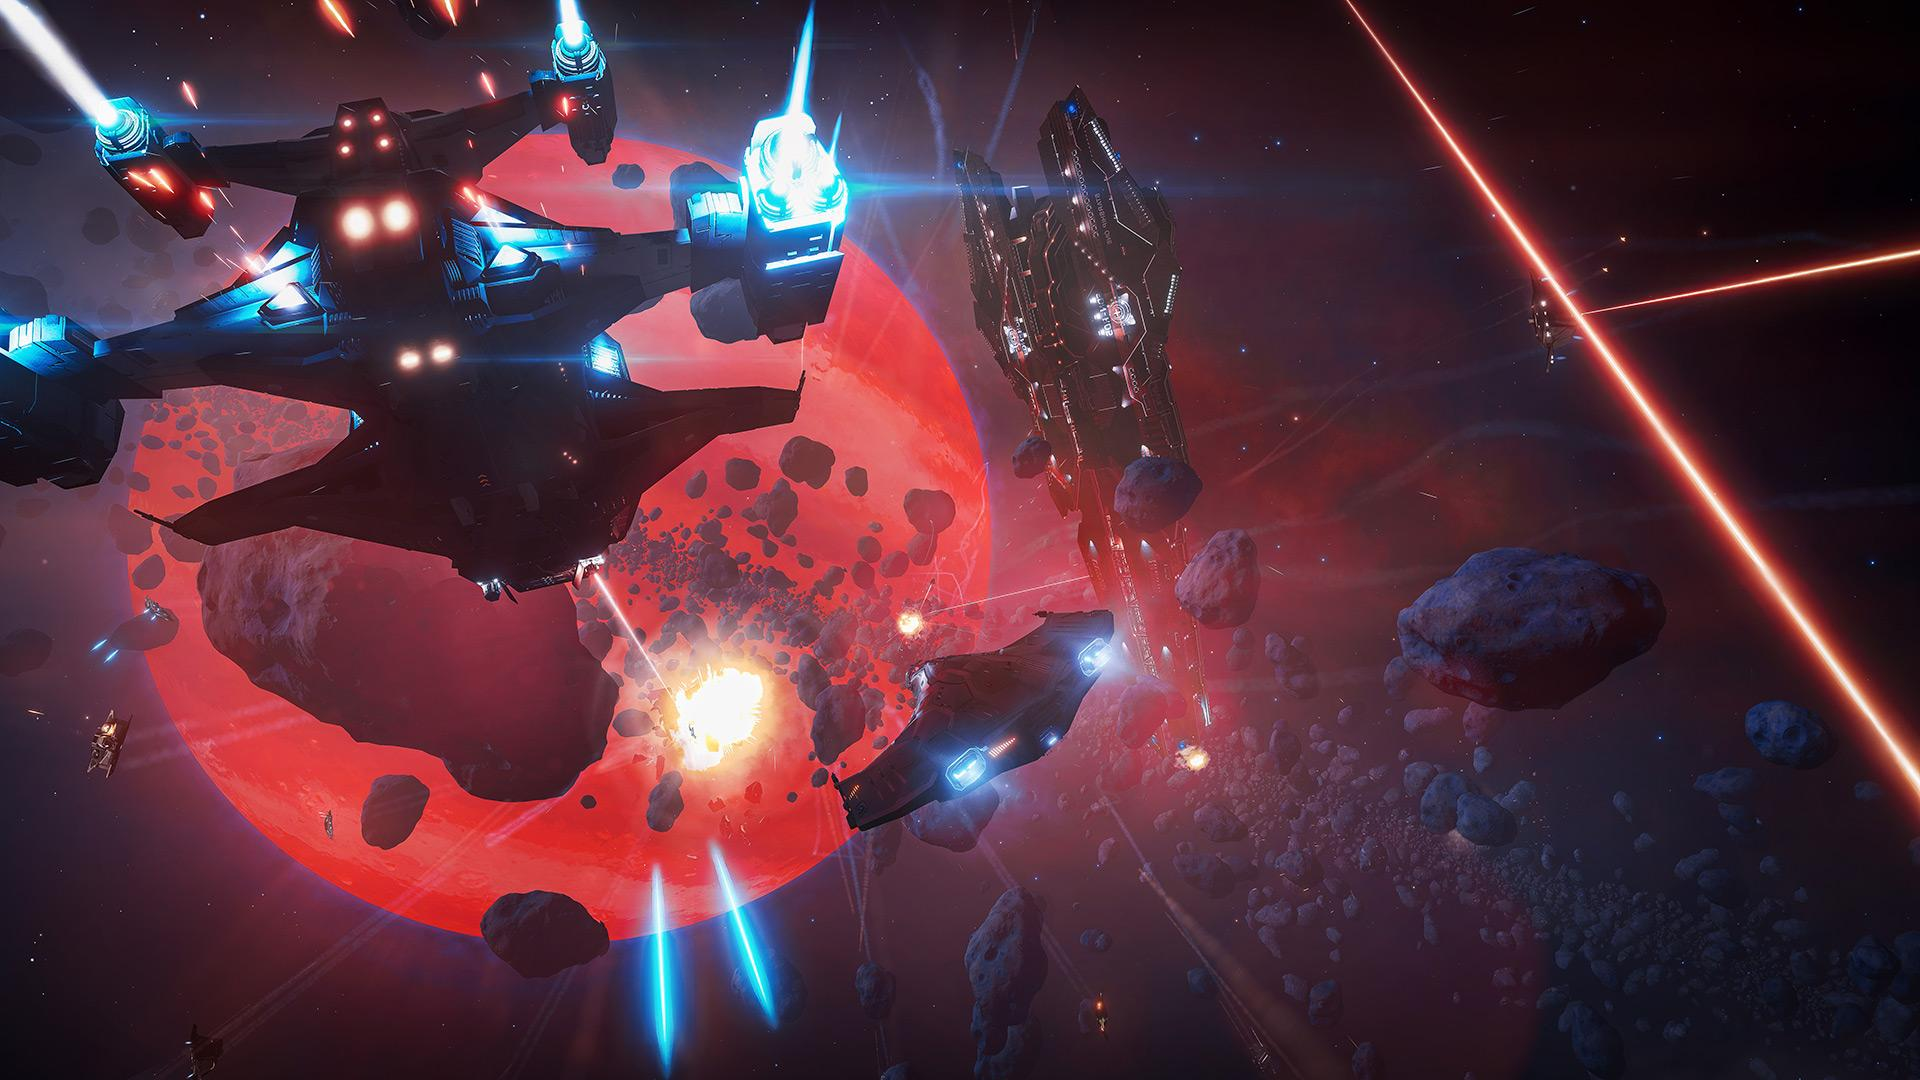 PvP combat in Elite: Dangerous